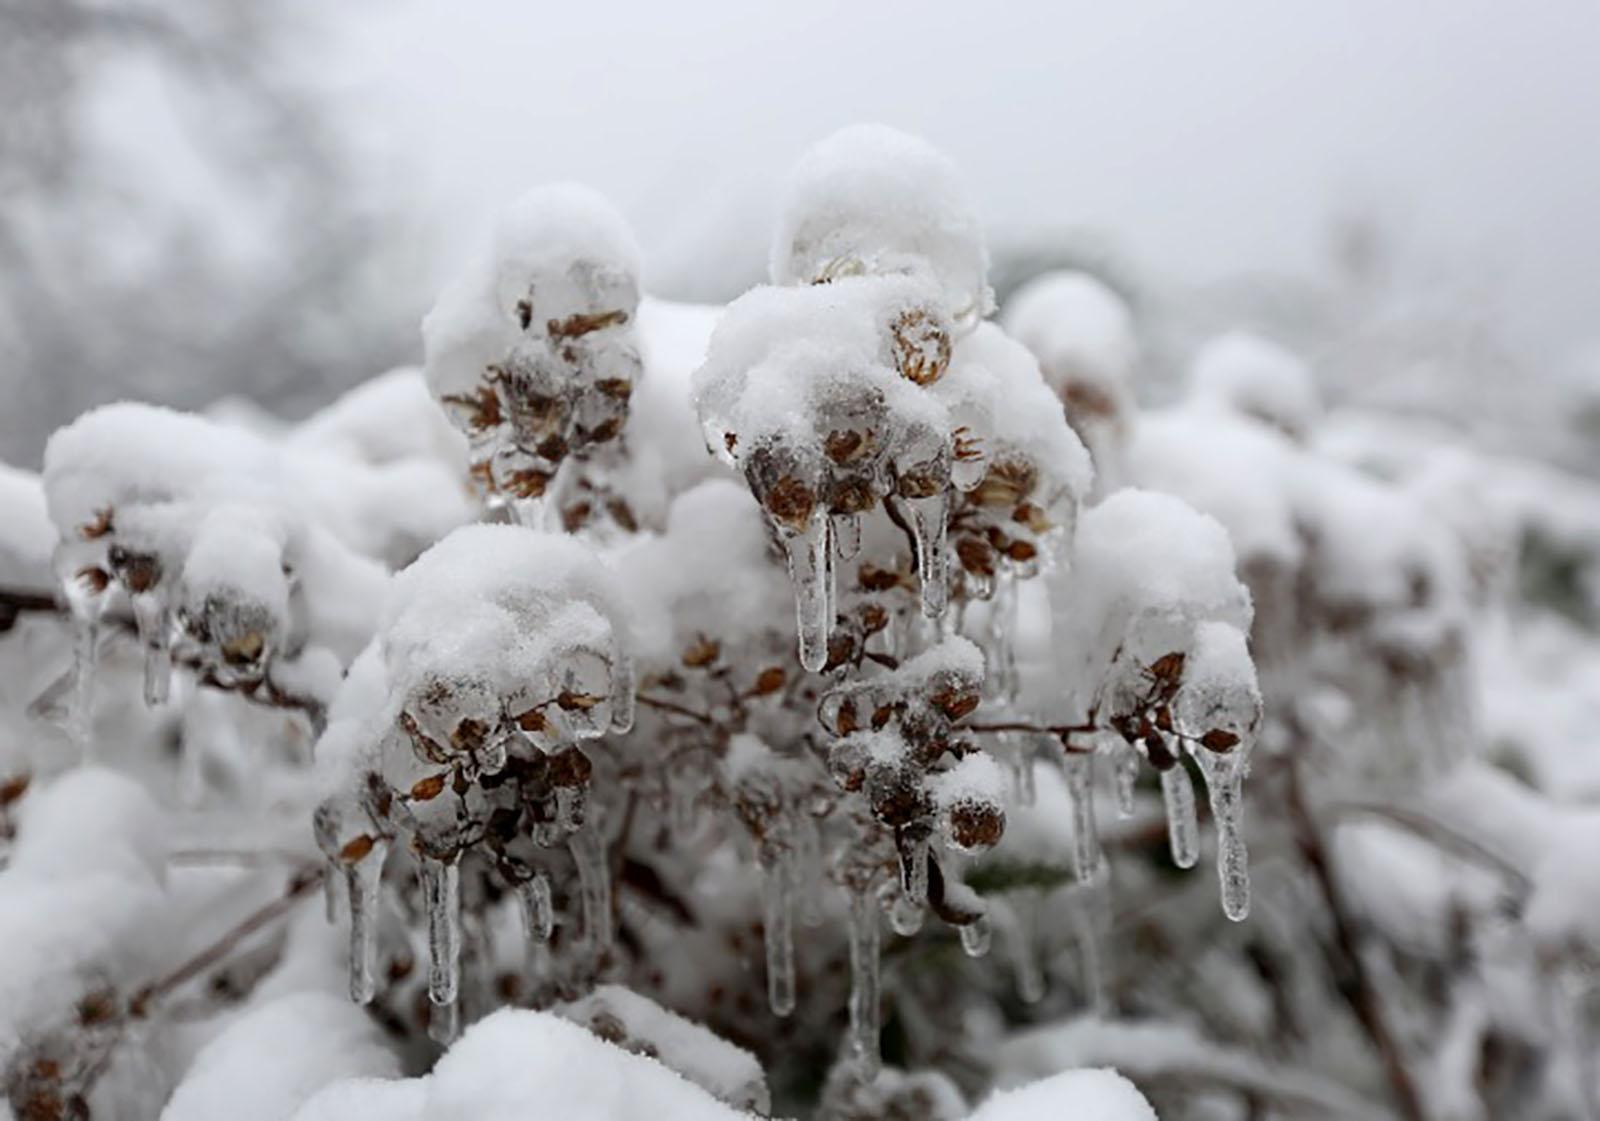 快看,常山的雪景是多么迷人!